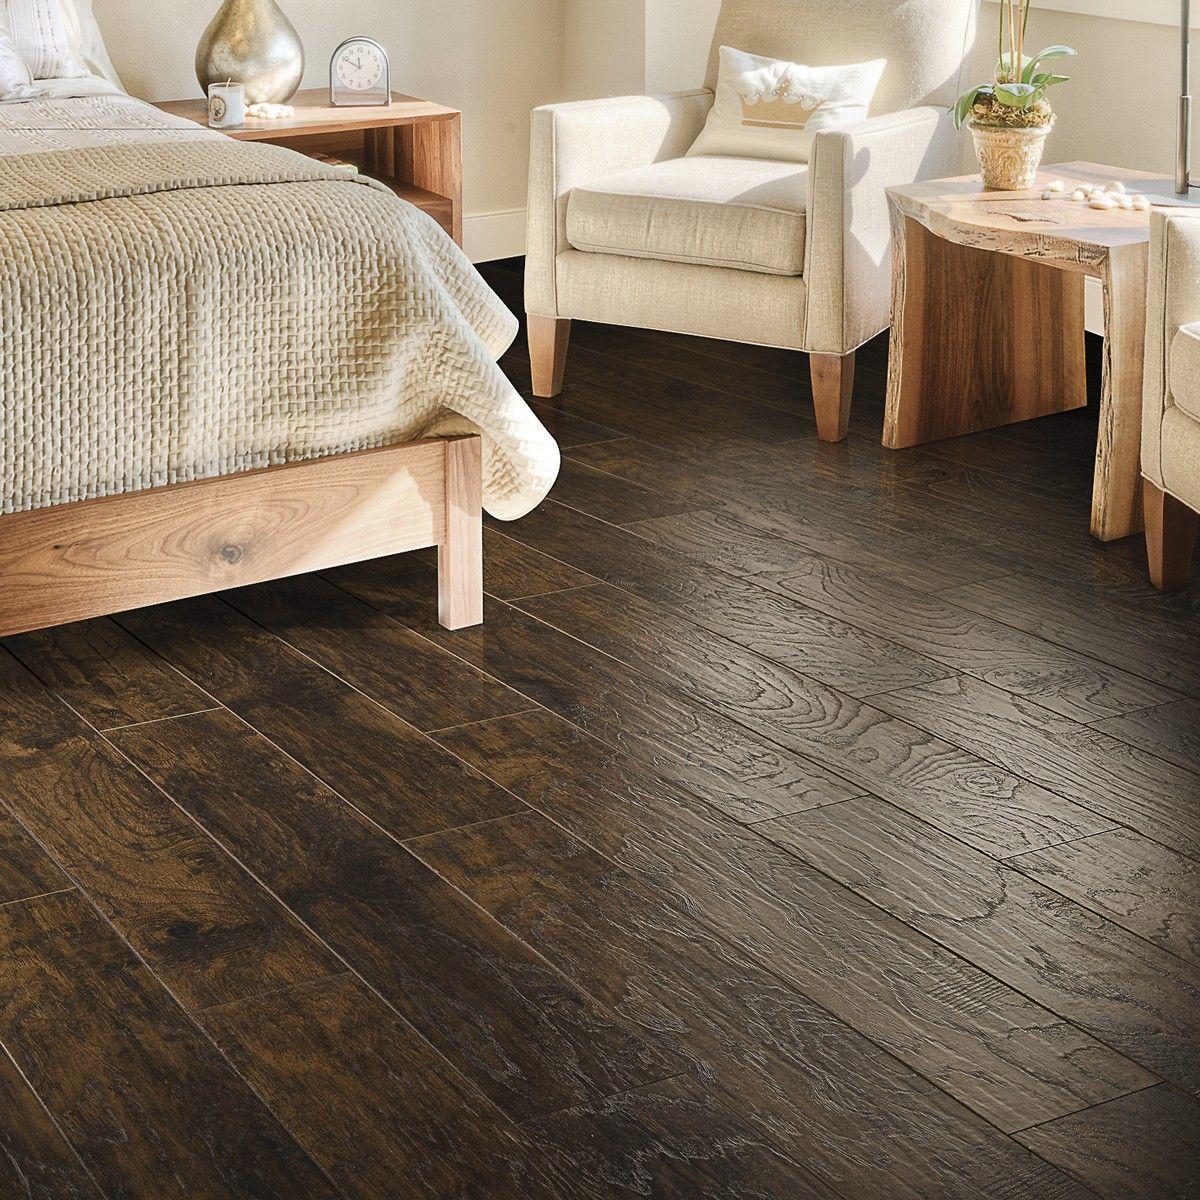 Waterproof Laminate Flooring The Speediest Increasing Development On